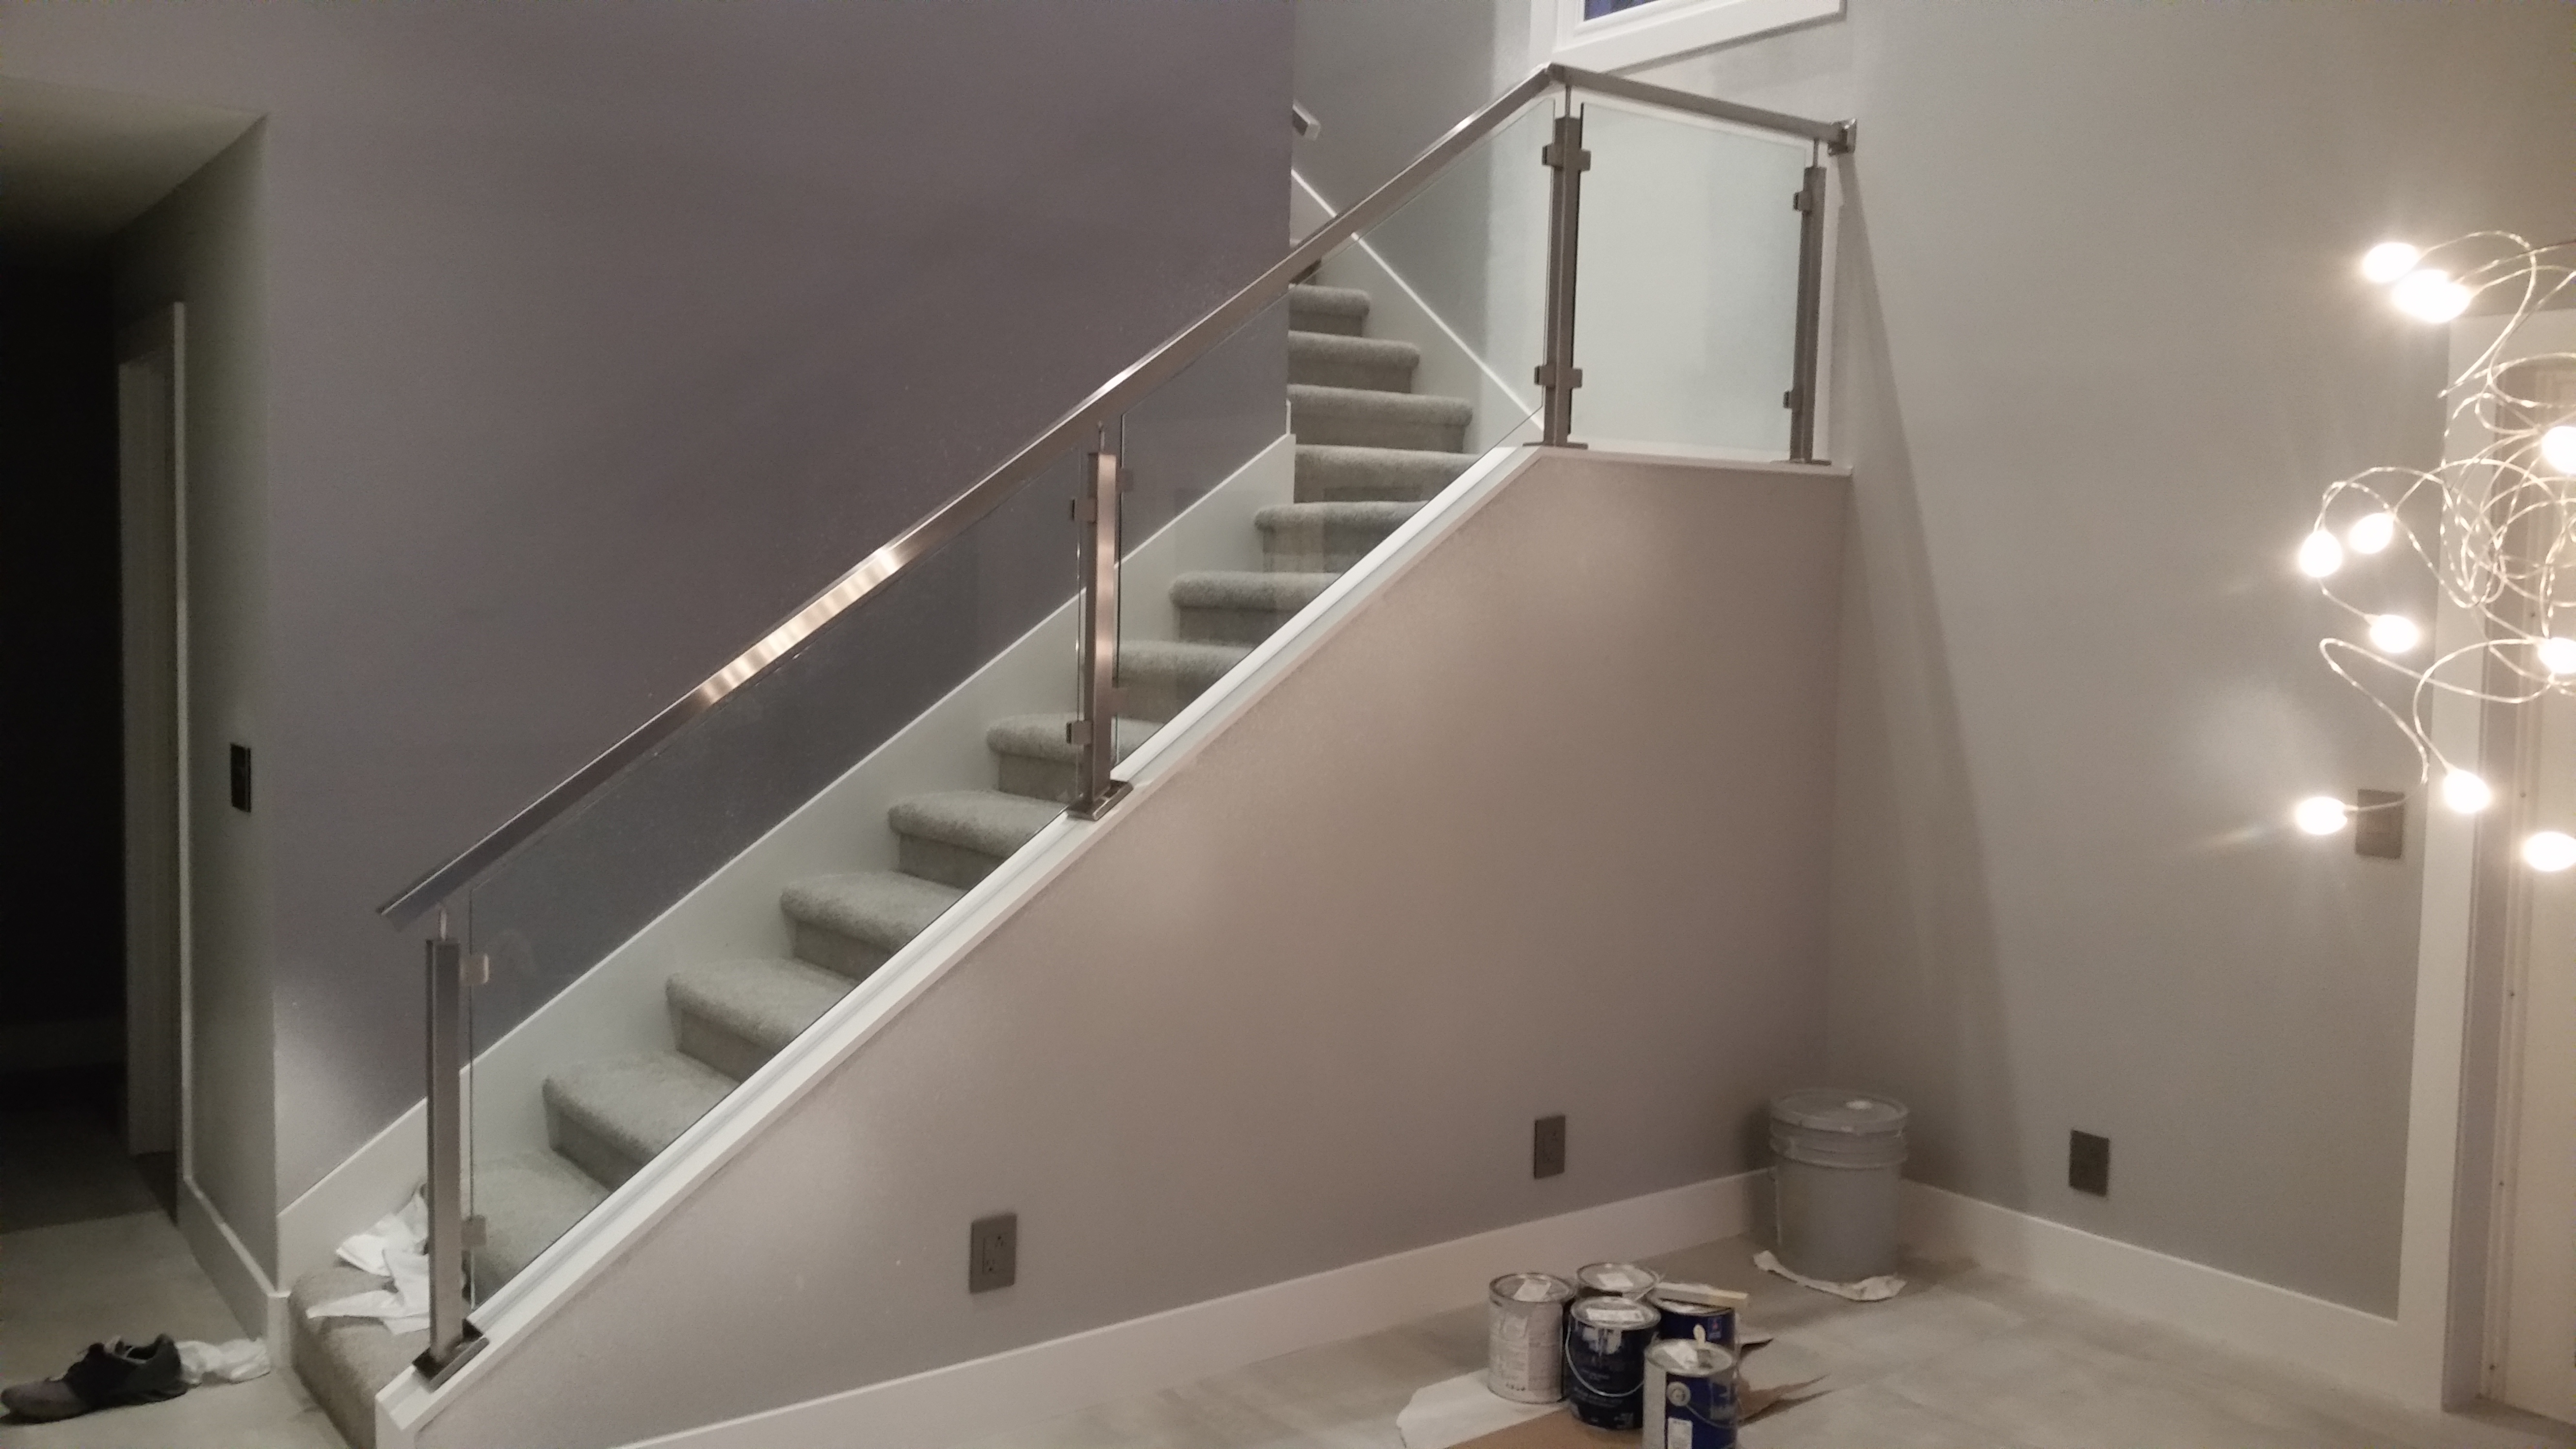 Sarasota Spiral Stairs Sarasota Florida Fl